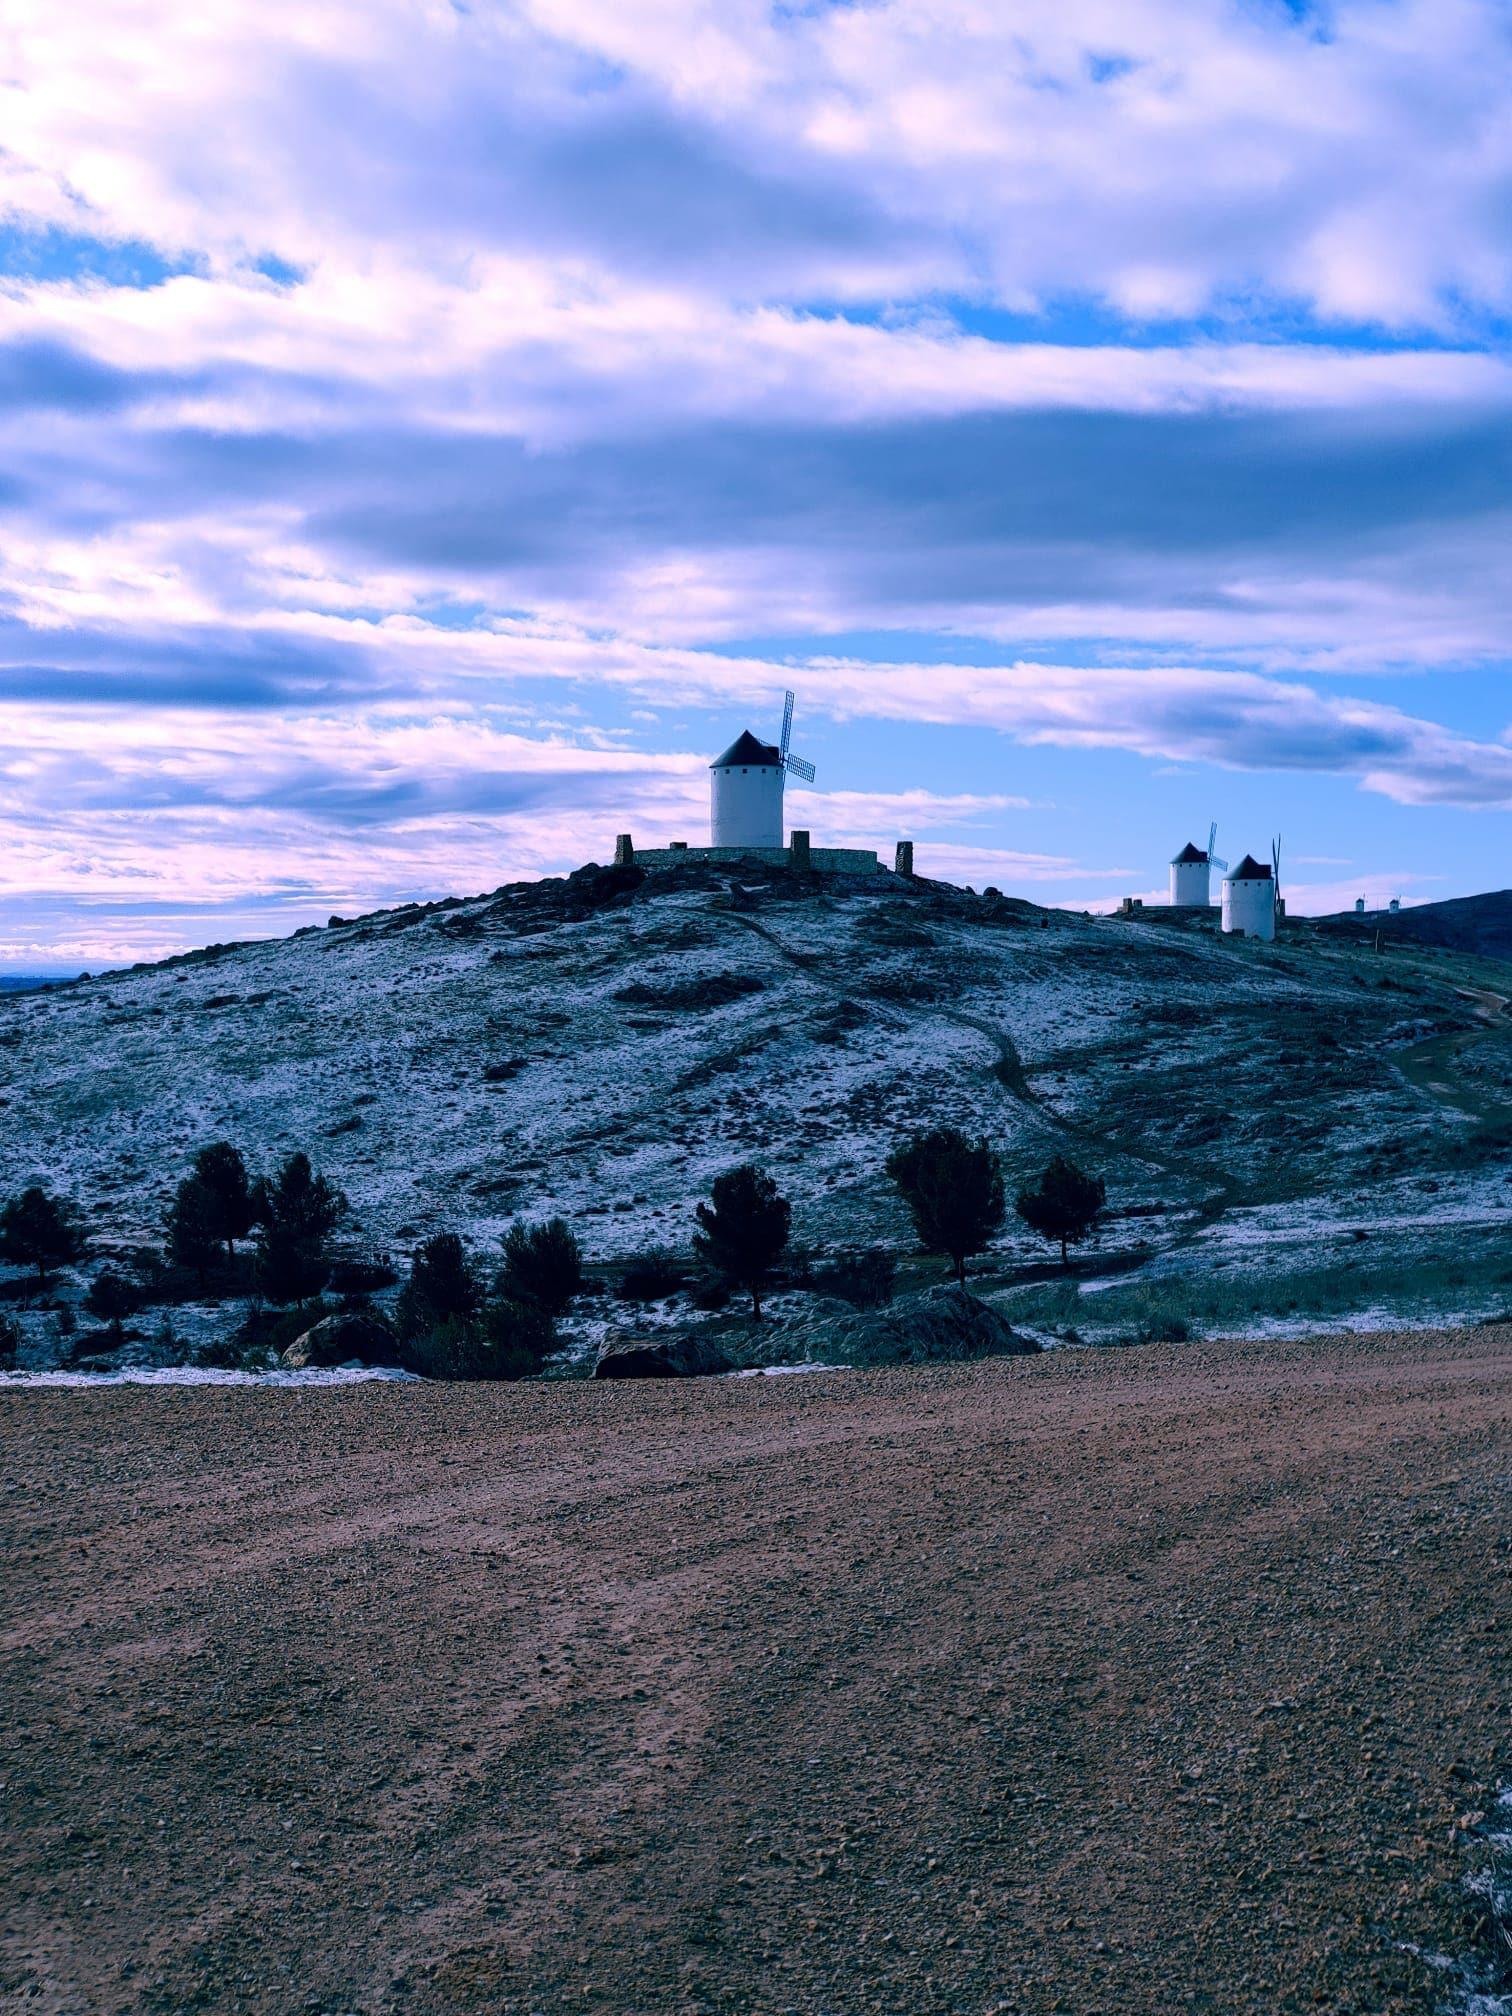 Castilla-La Mancha suspende las clases hasta el próximo lunes ante la previsión de fuertes nevadas 10